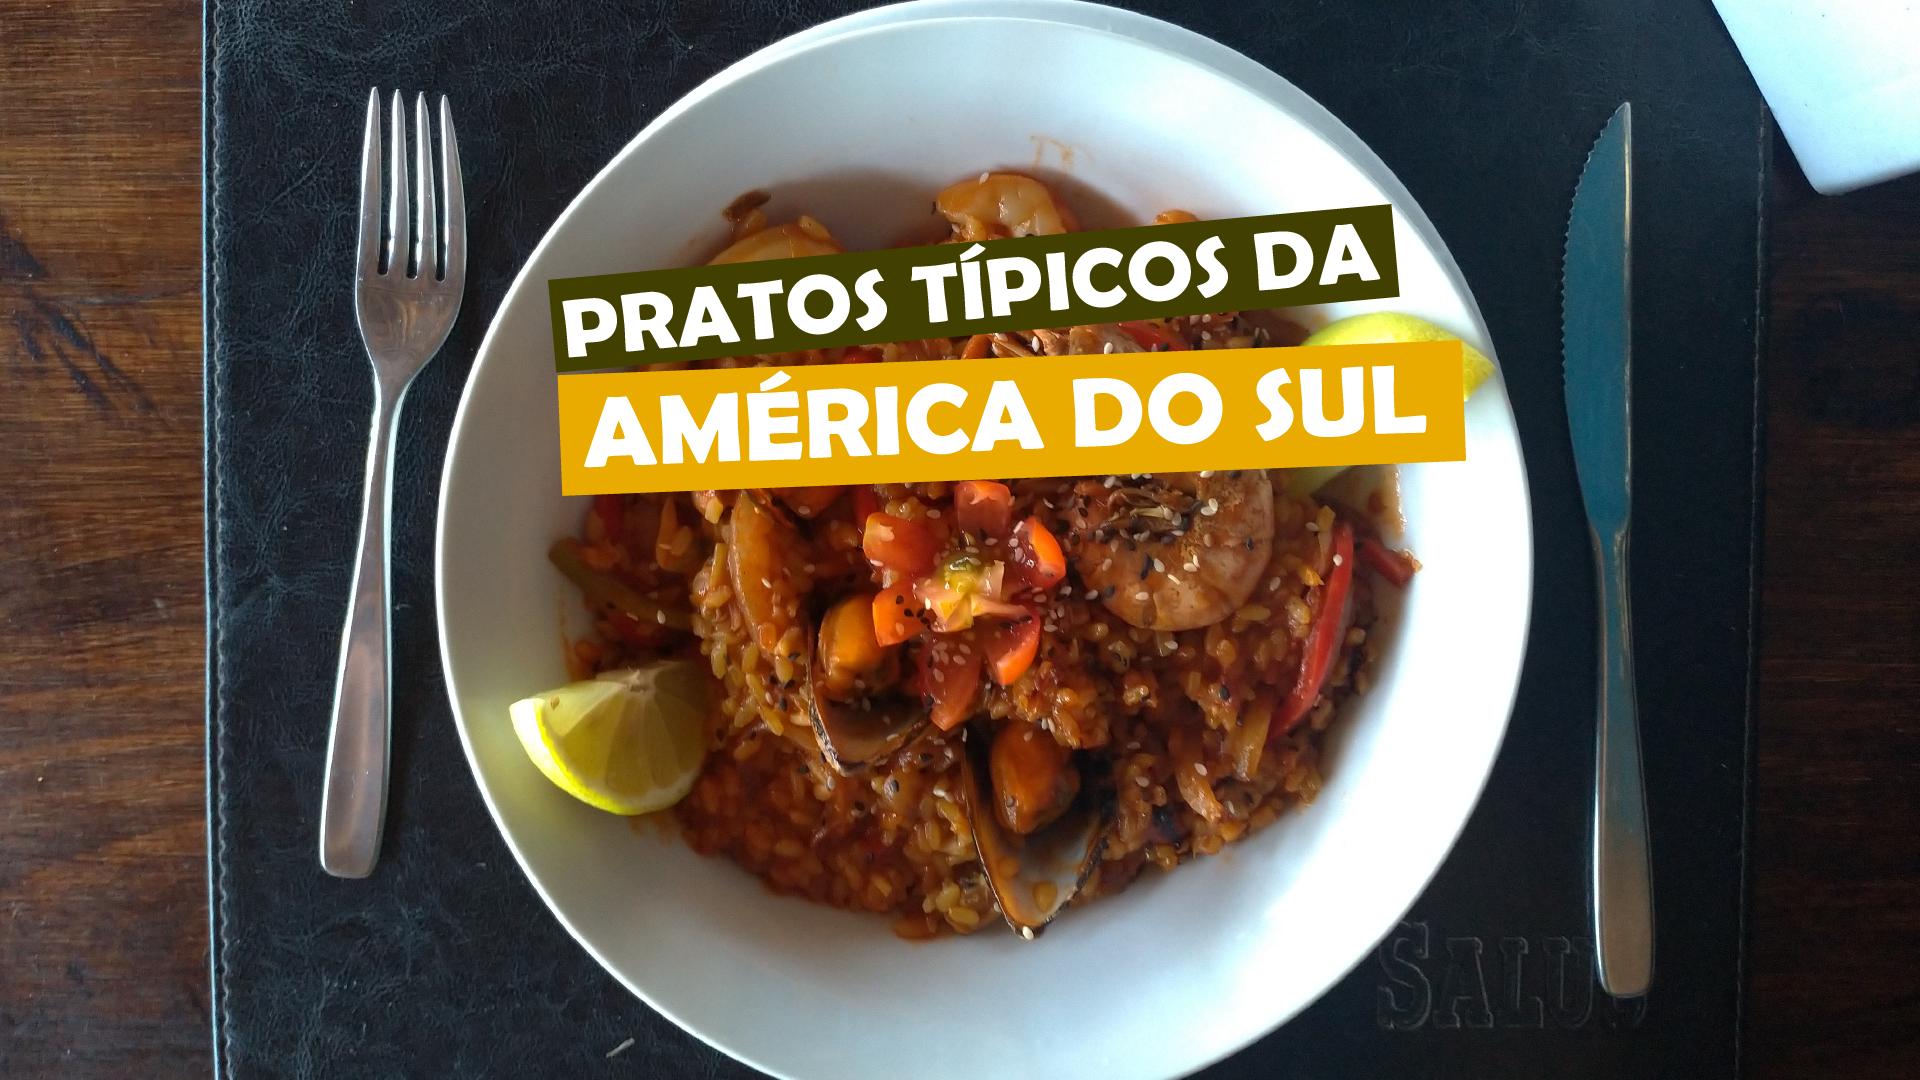 Pratos típicos da América do Sul